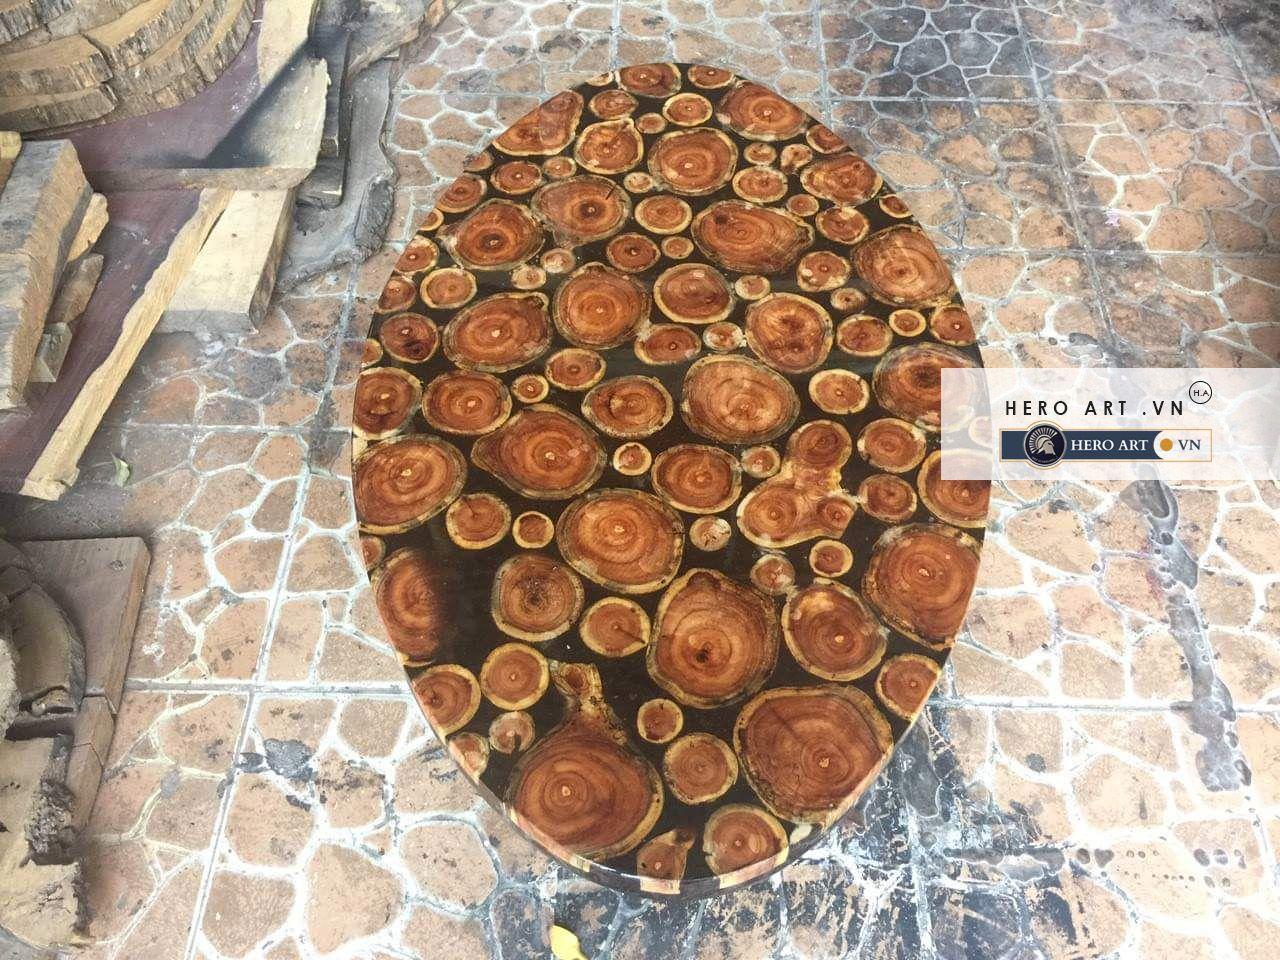 bàn gỗ hình oval keo epoxy